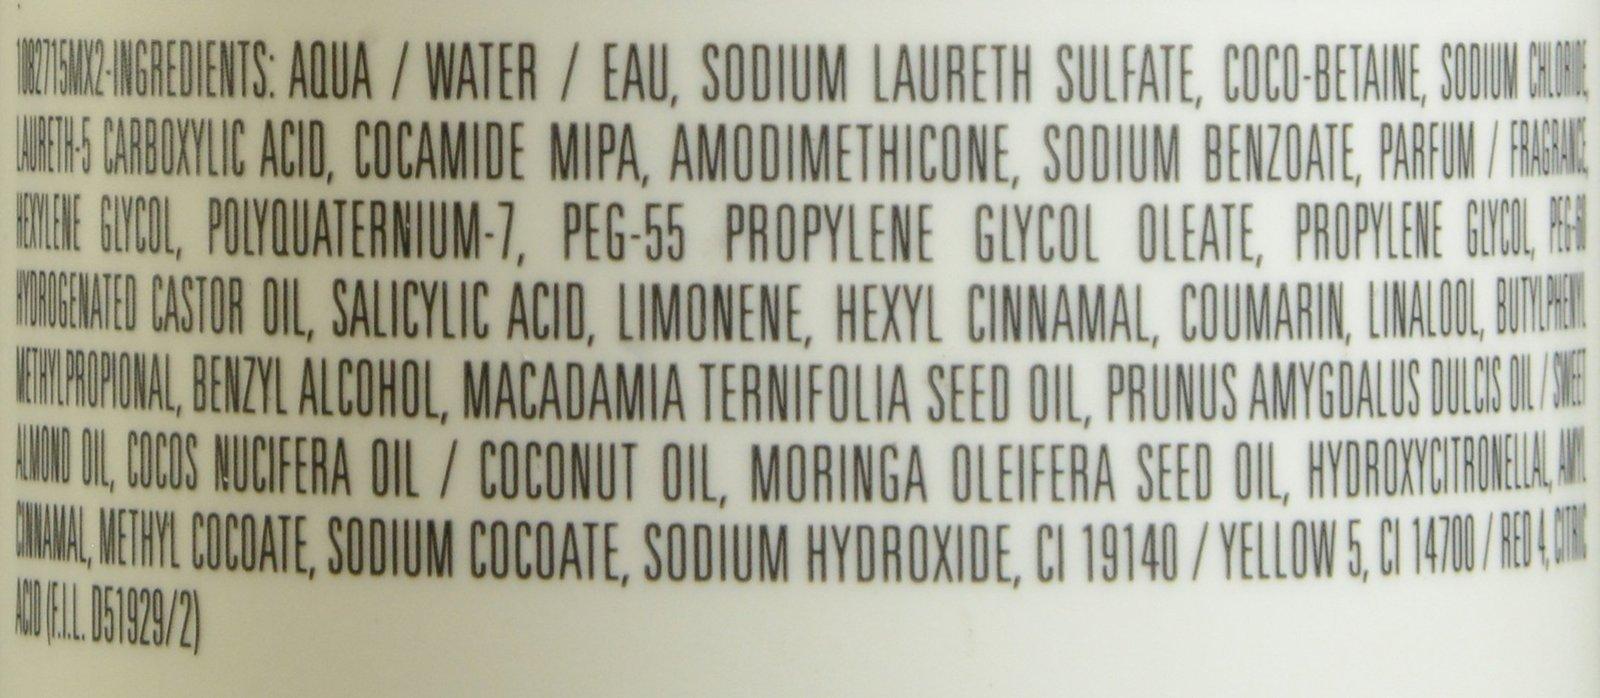 Matrix Biolage Exquisite Oil Micro Oil Shampoo, 16.9 Ounce